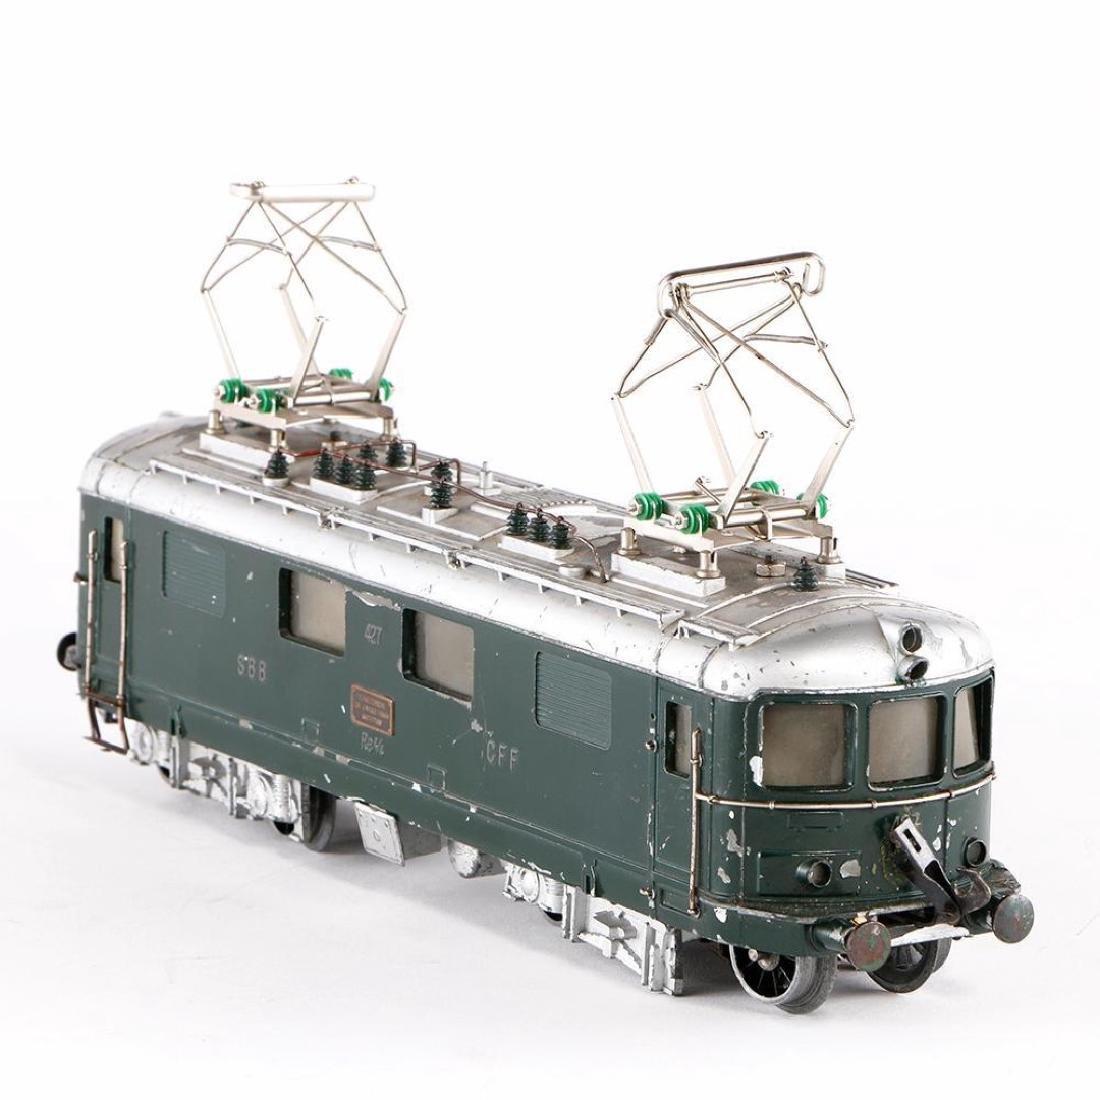 Buco Swiss 0 Gauge Diecast Locomotive - 4